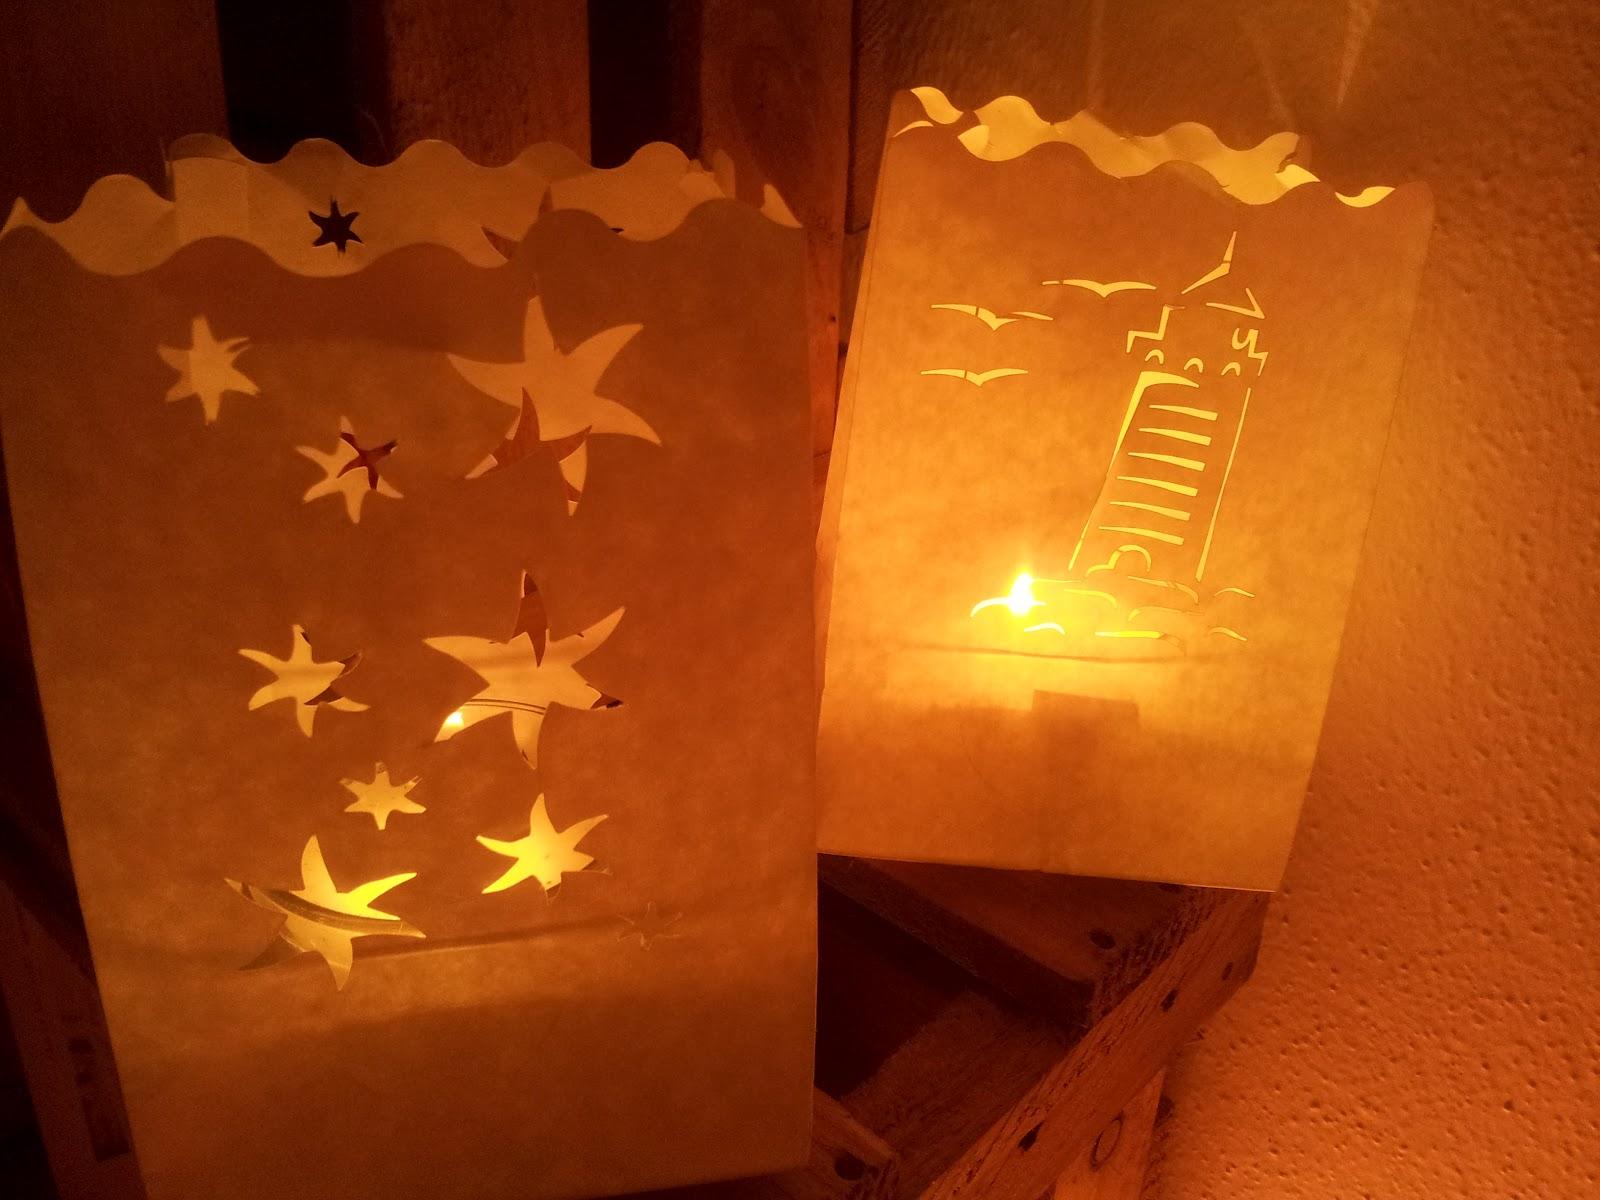 2012-07-14+21.47.41 Spannende Wandlampe Kinderzimmer Selber Basteln Dekorationen